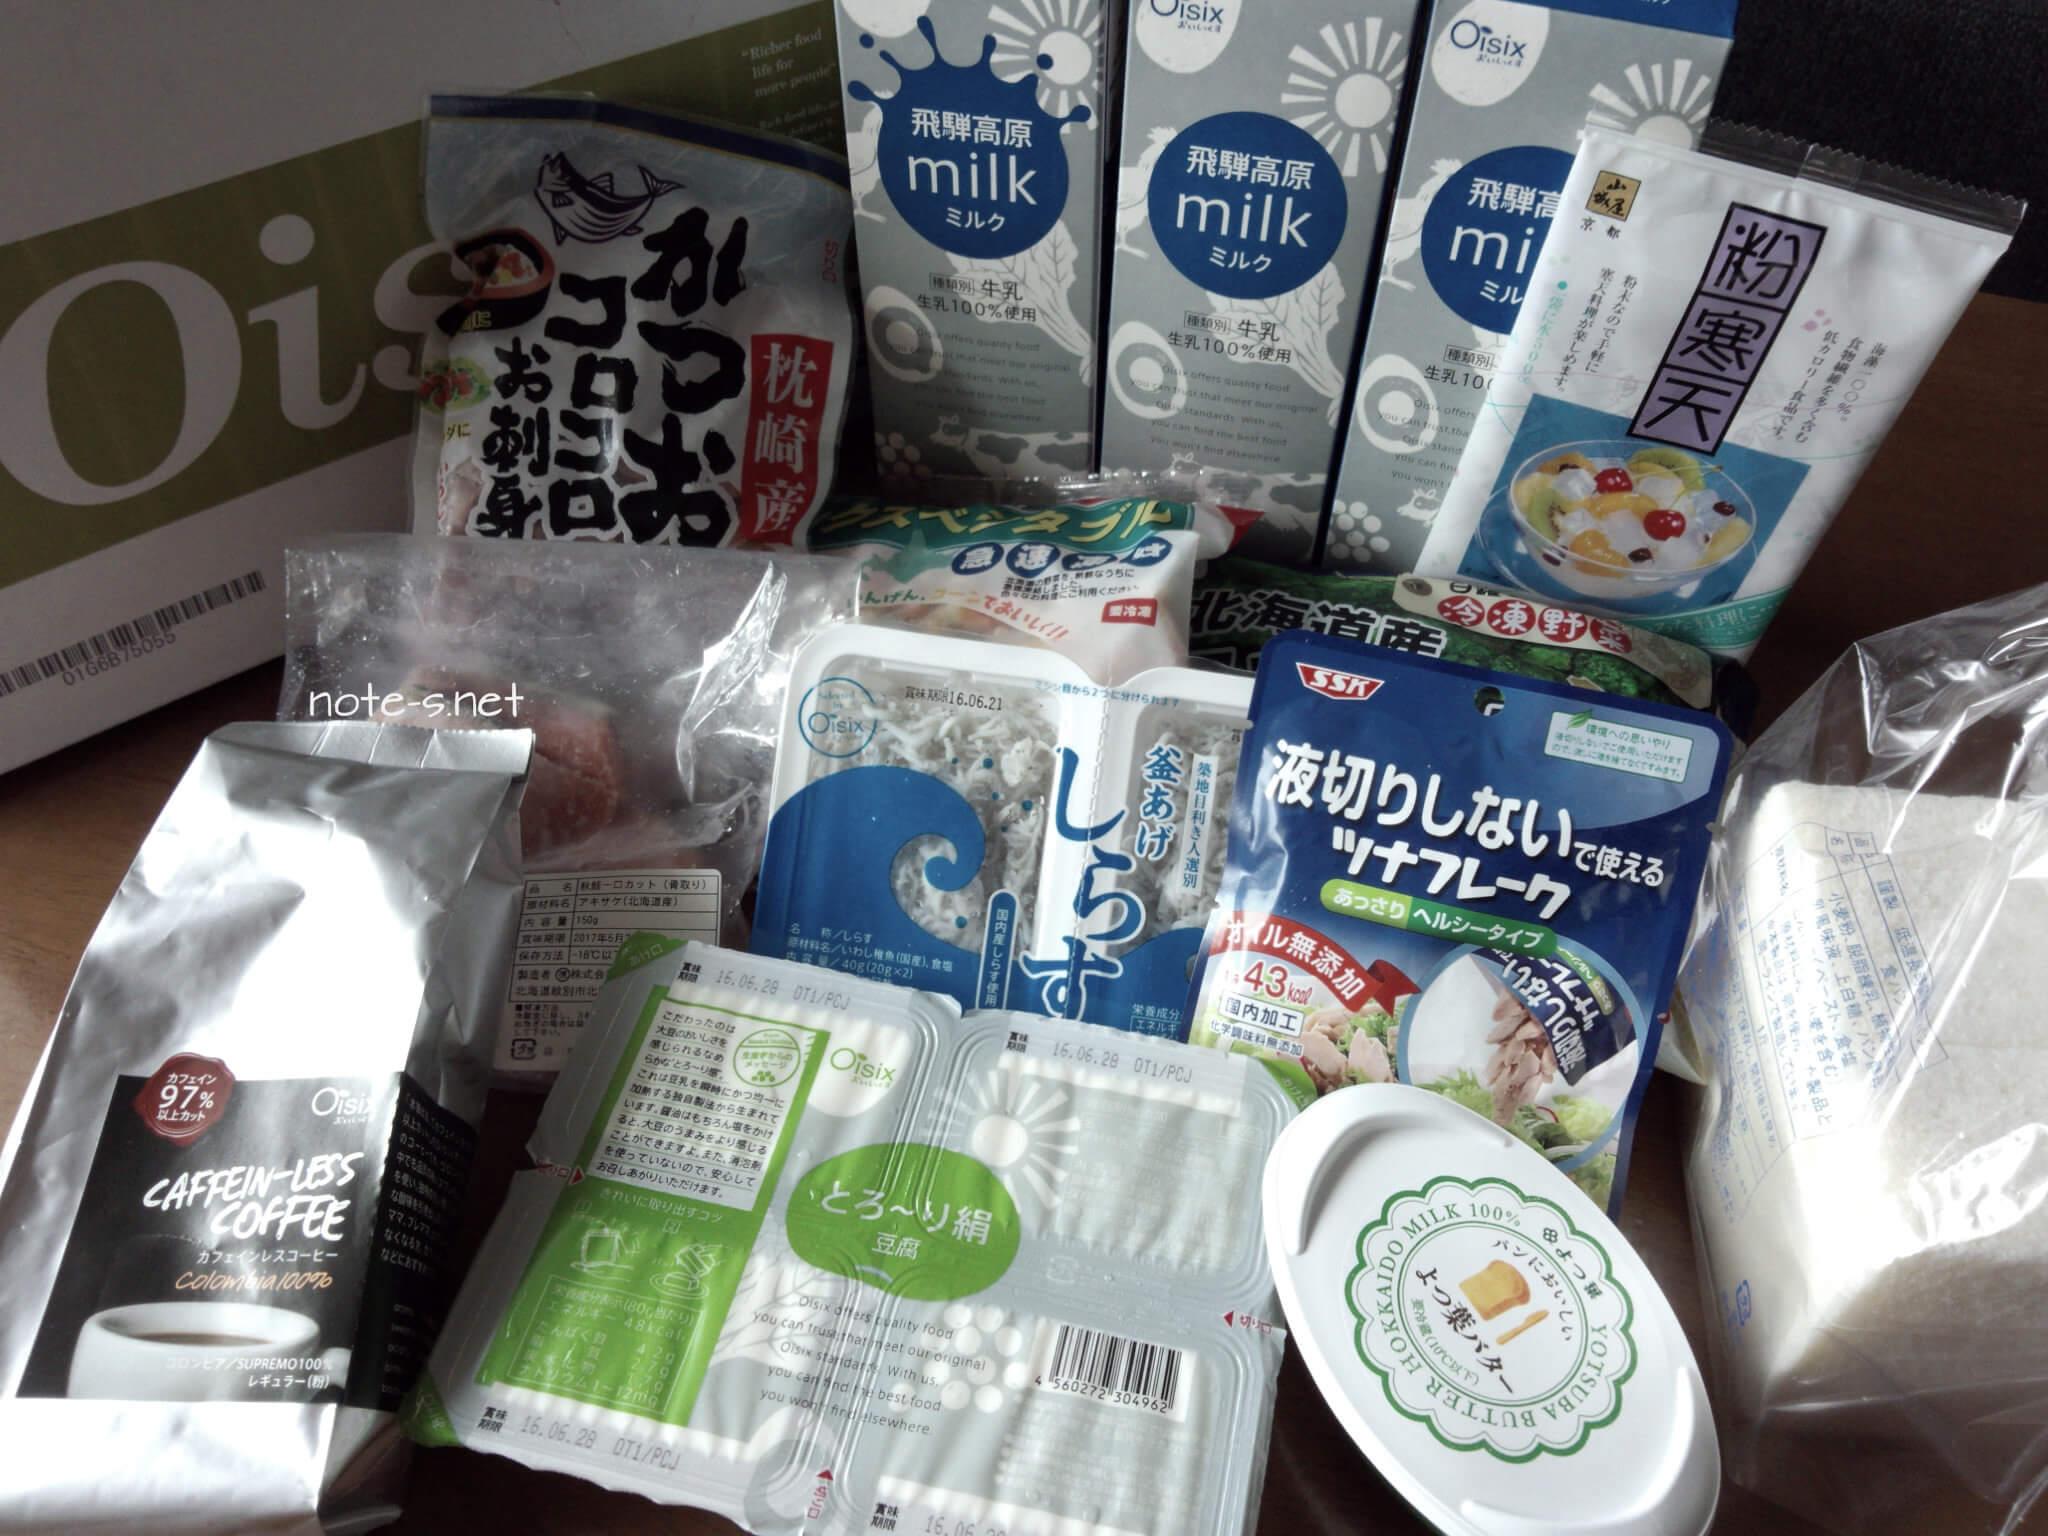 オイシックス離乳食の口コミ!宅配で届いて便利なリピート品はこれ